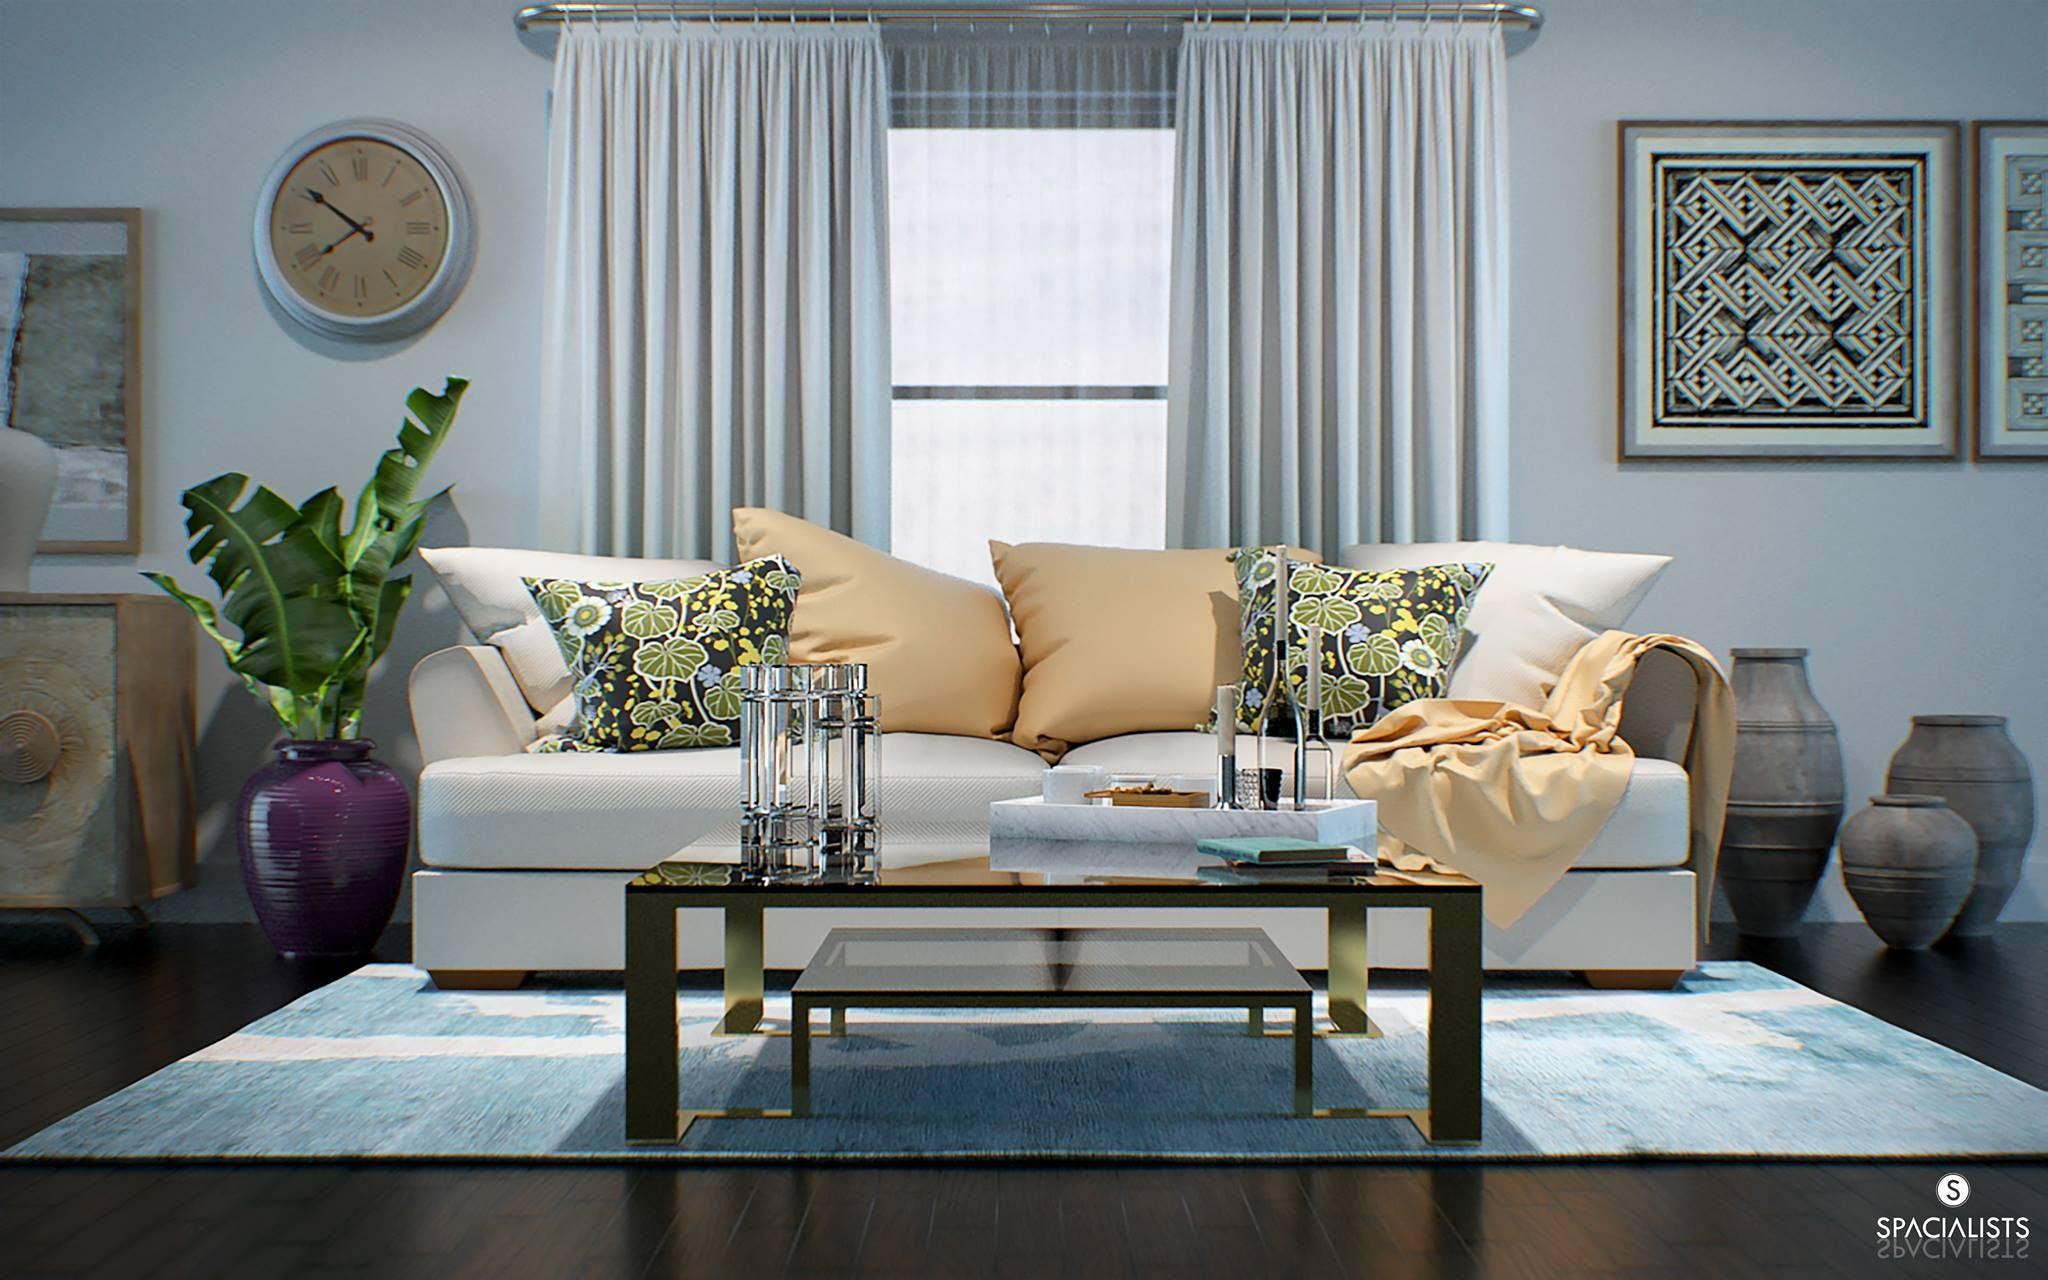 Living Room Design 3D Rendering | SPACIALISTS ...